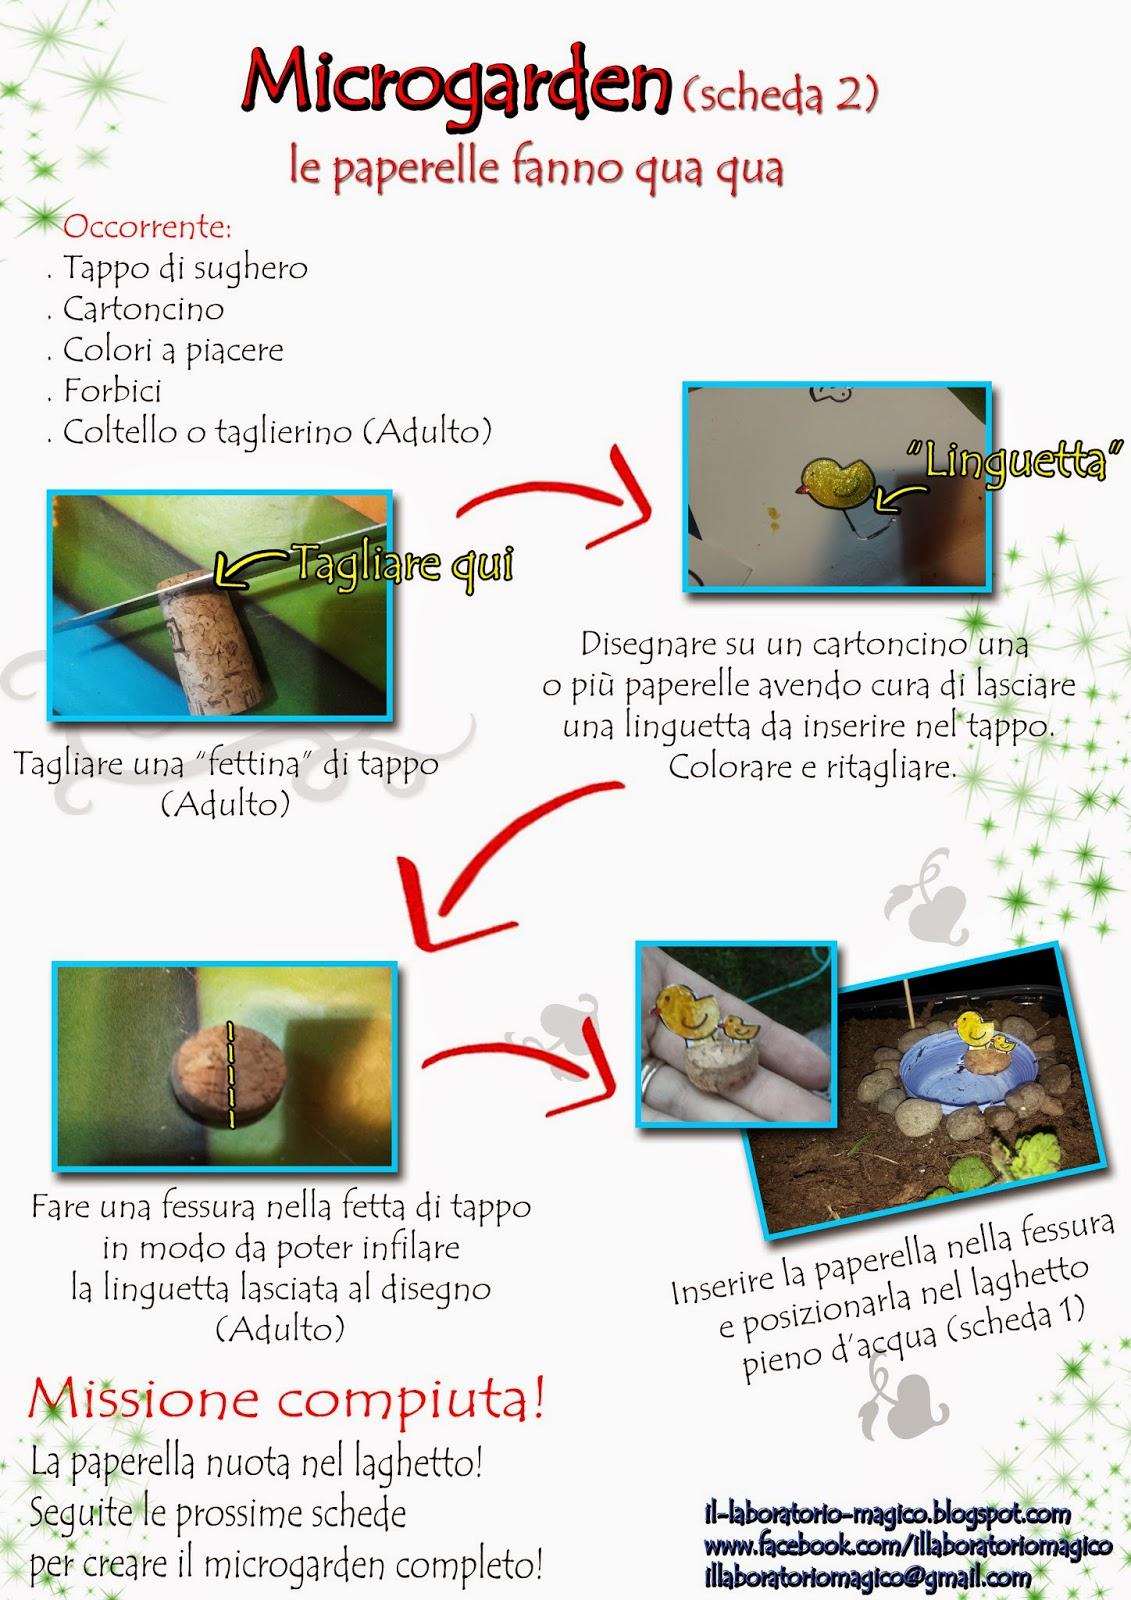 Il laboratorio magico microgarden scheda 2 le for Laghetto per papere